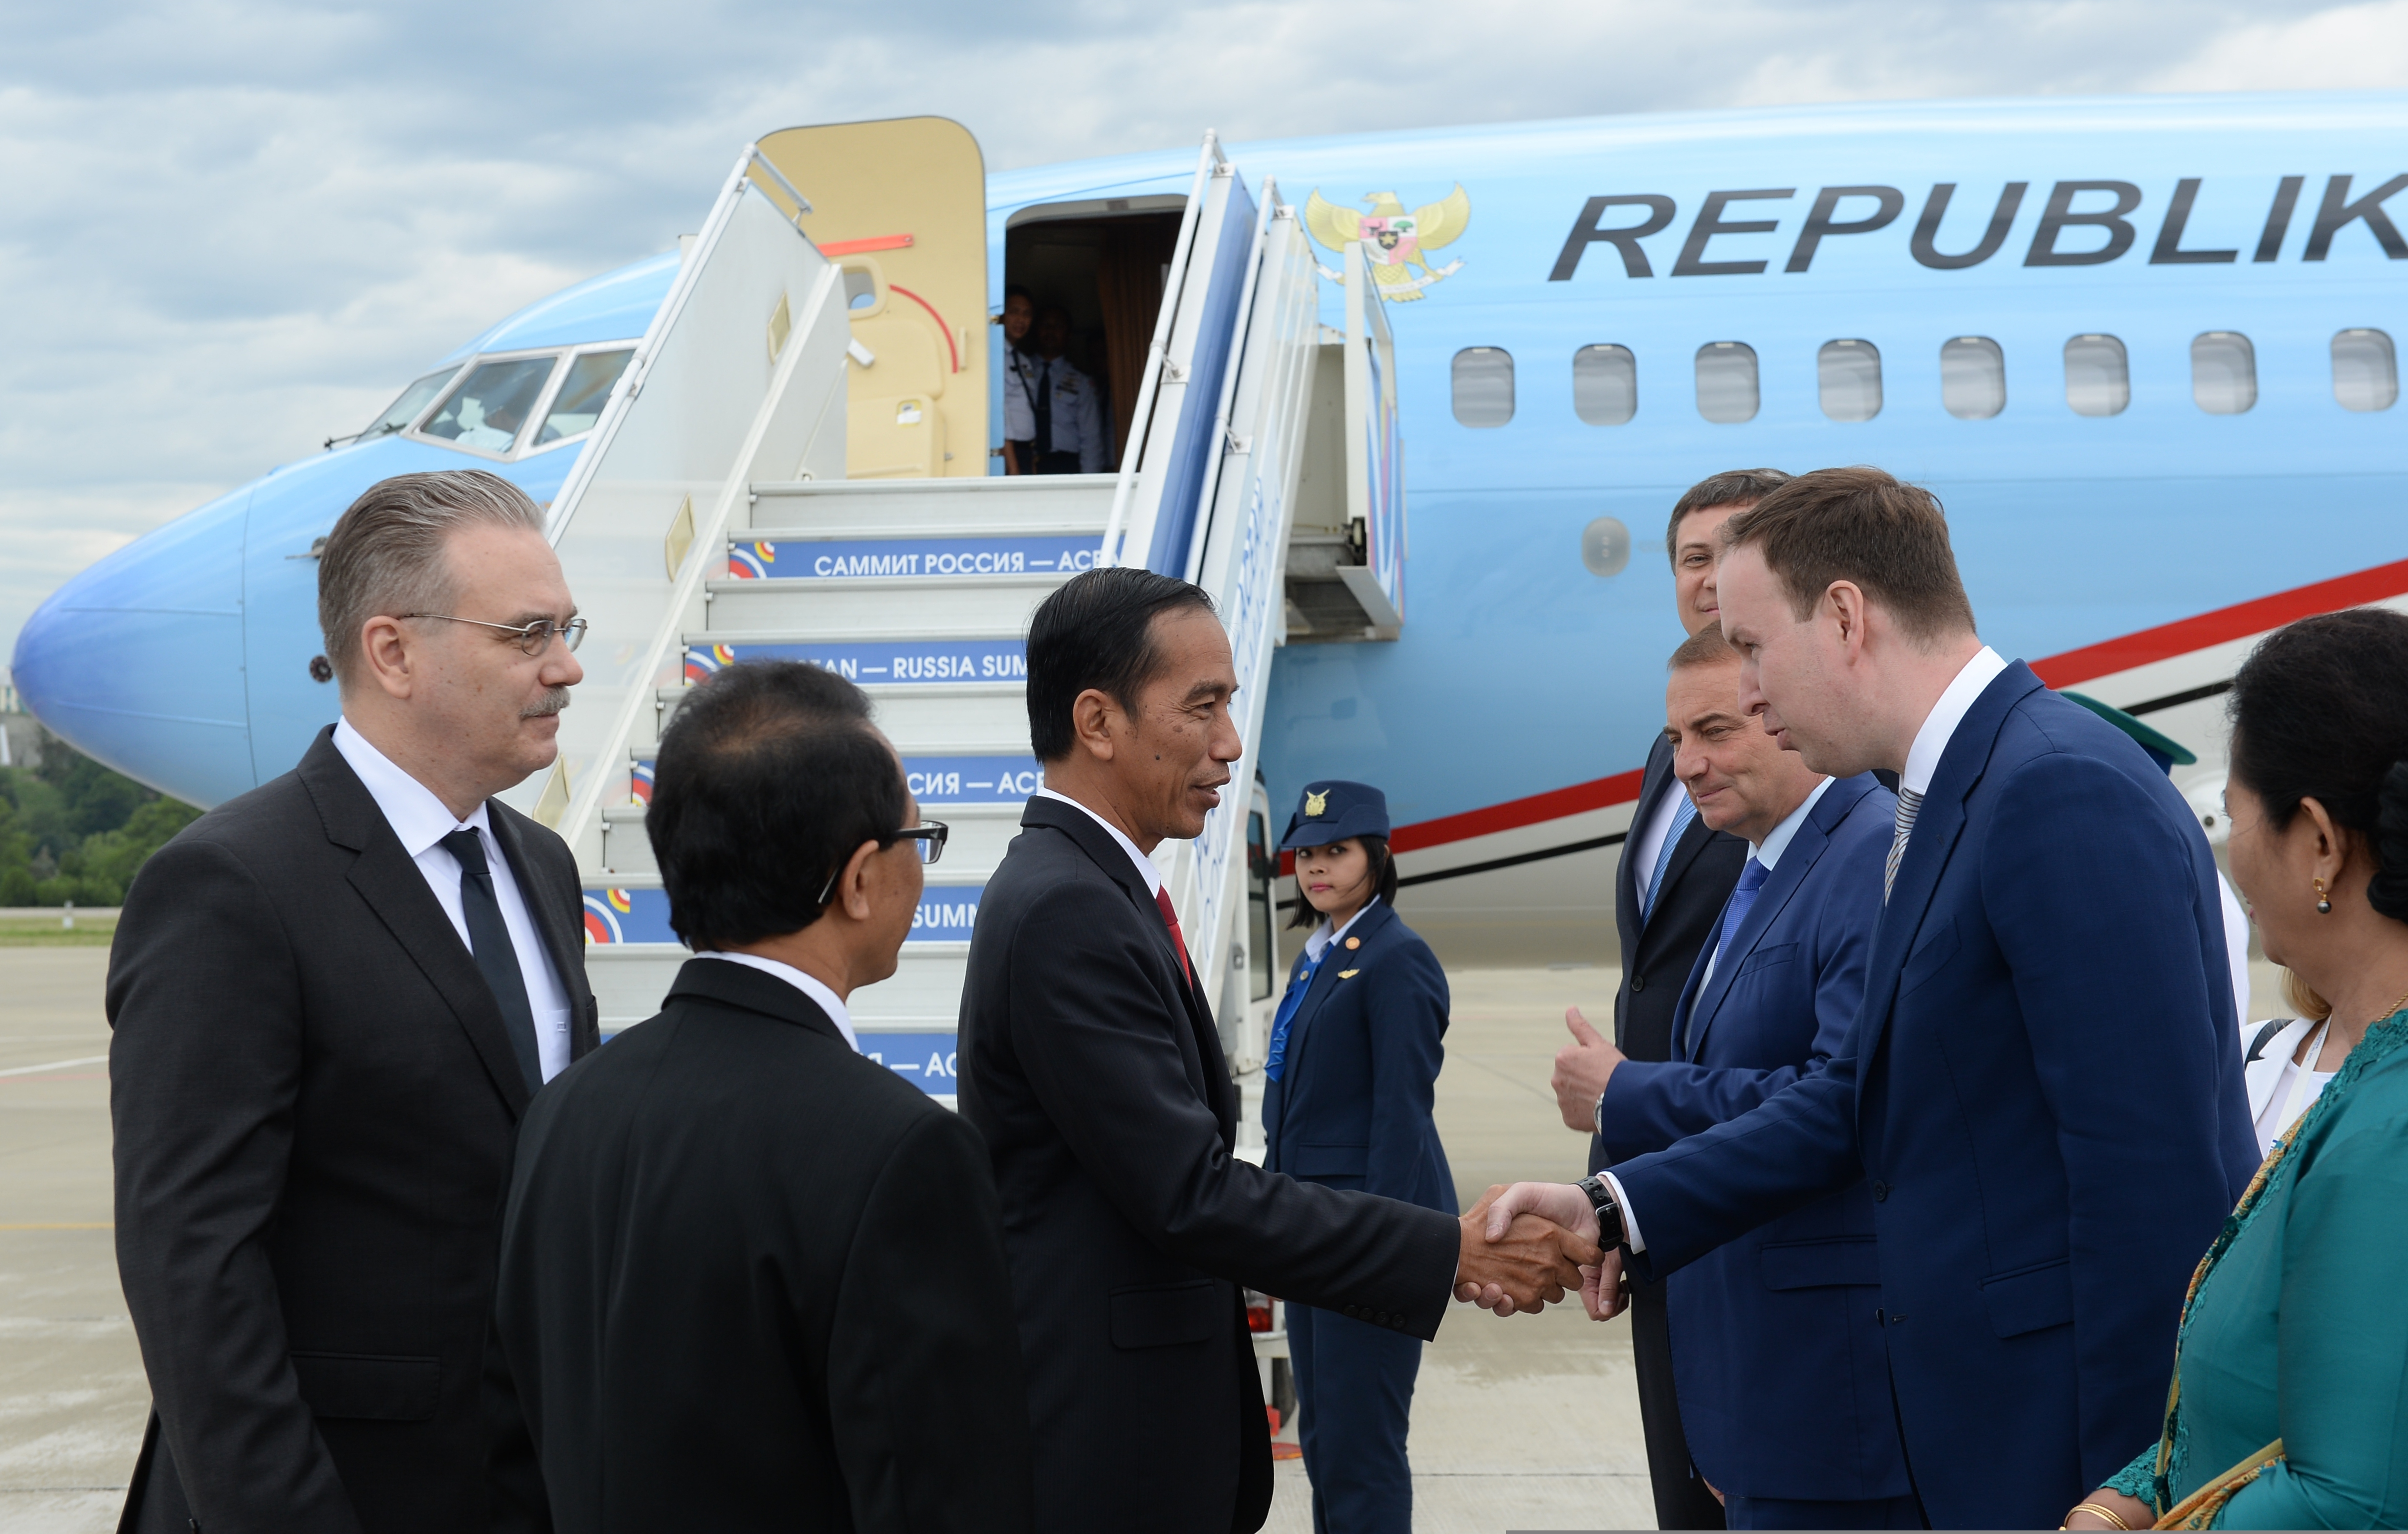 Presiden RI Joko Widodo beserta rombongan tiba di Sochi, Rusia, Rabu (18/5) pukul 14.35 waktu setempat atau pukul 18.35 WIB.